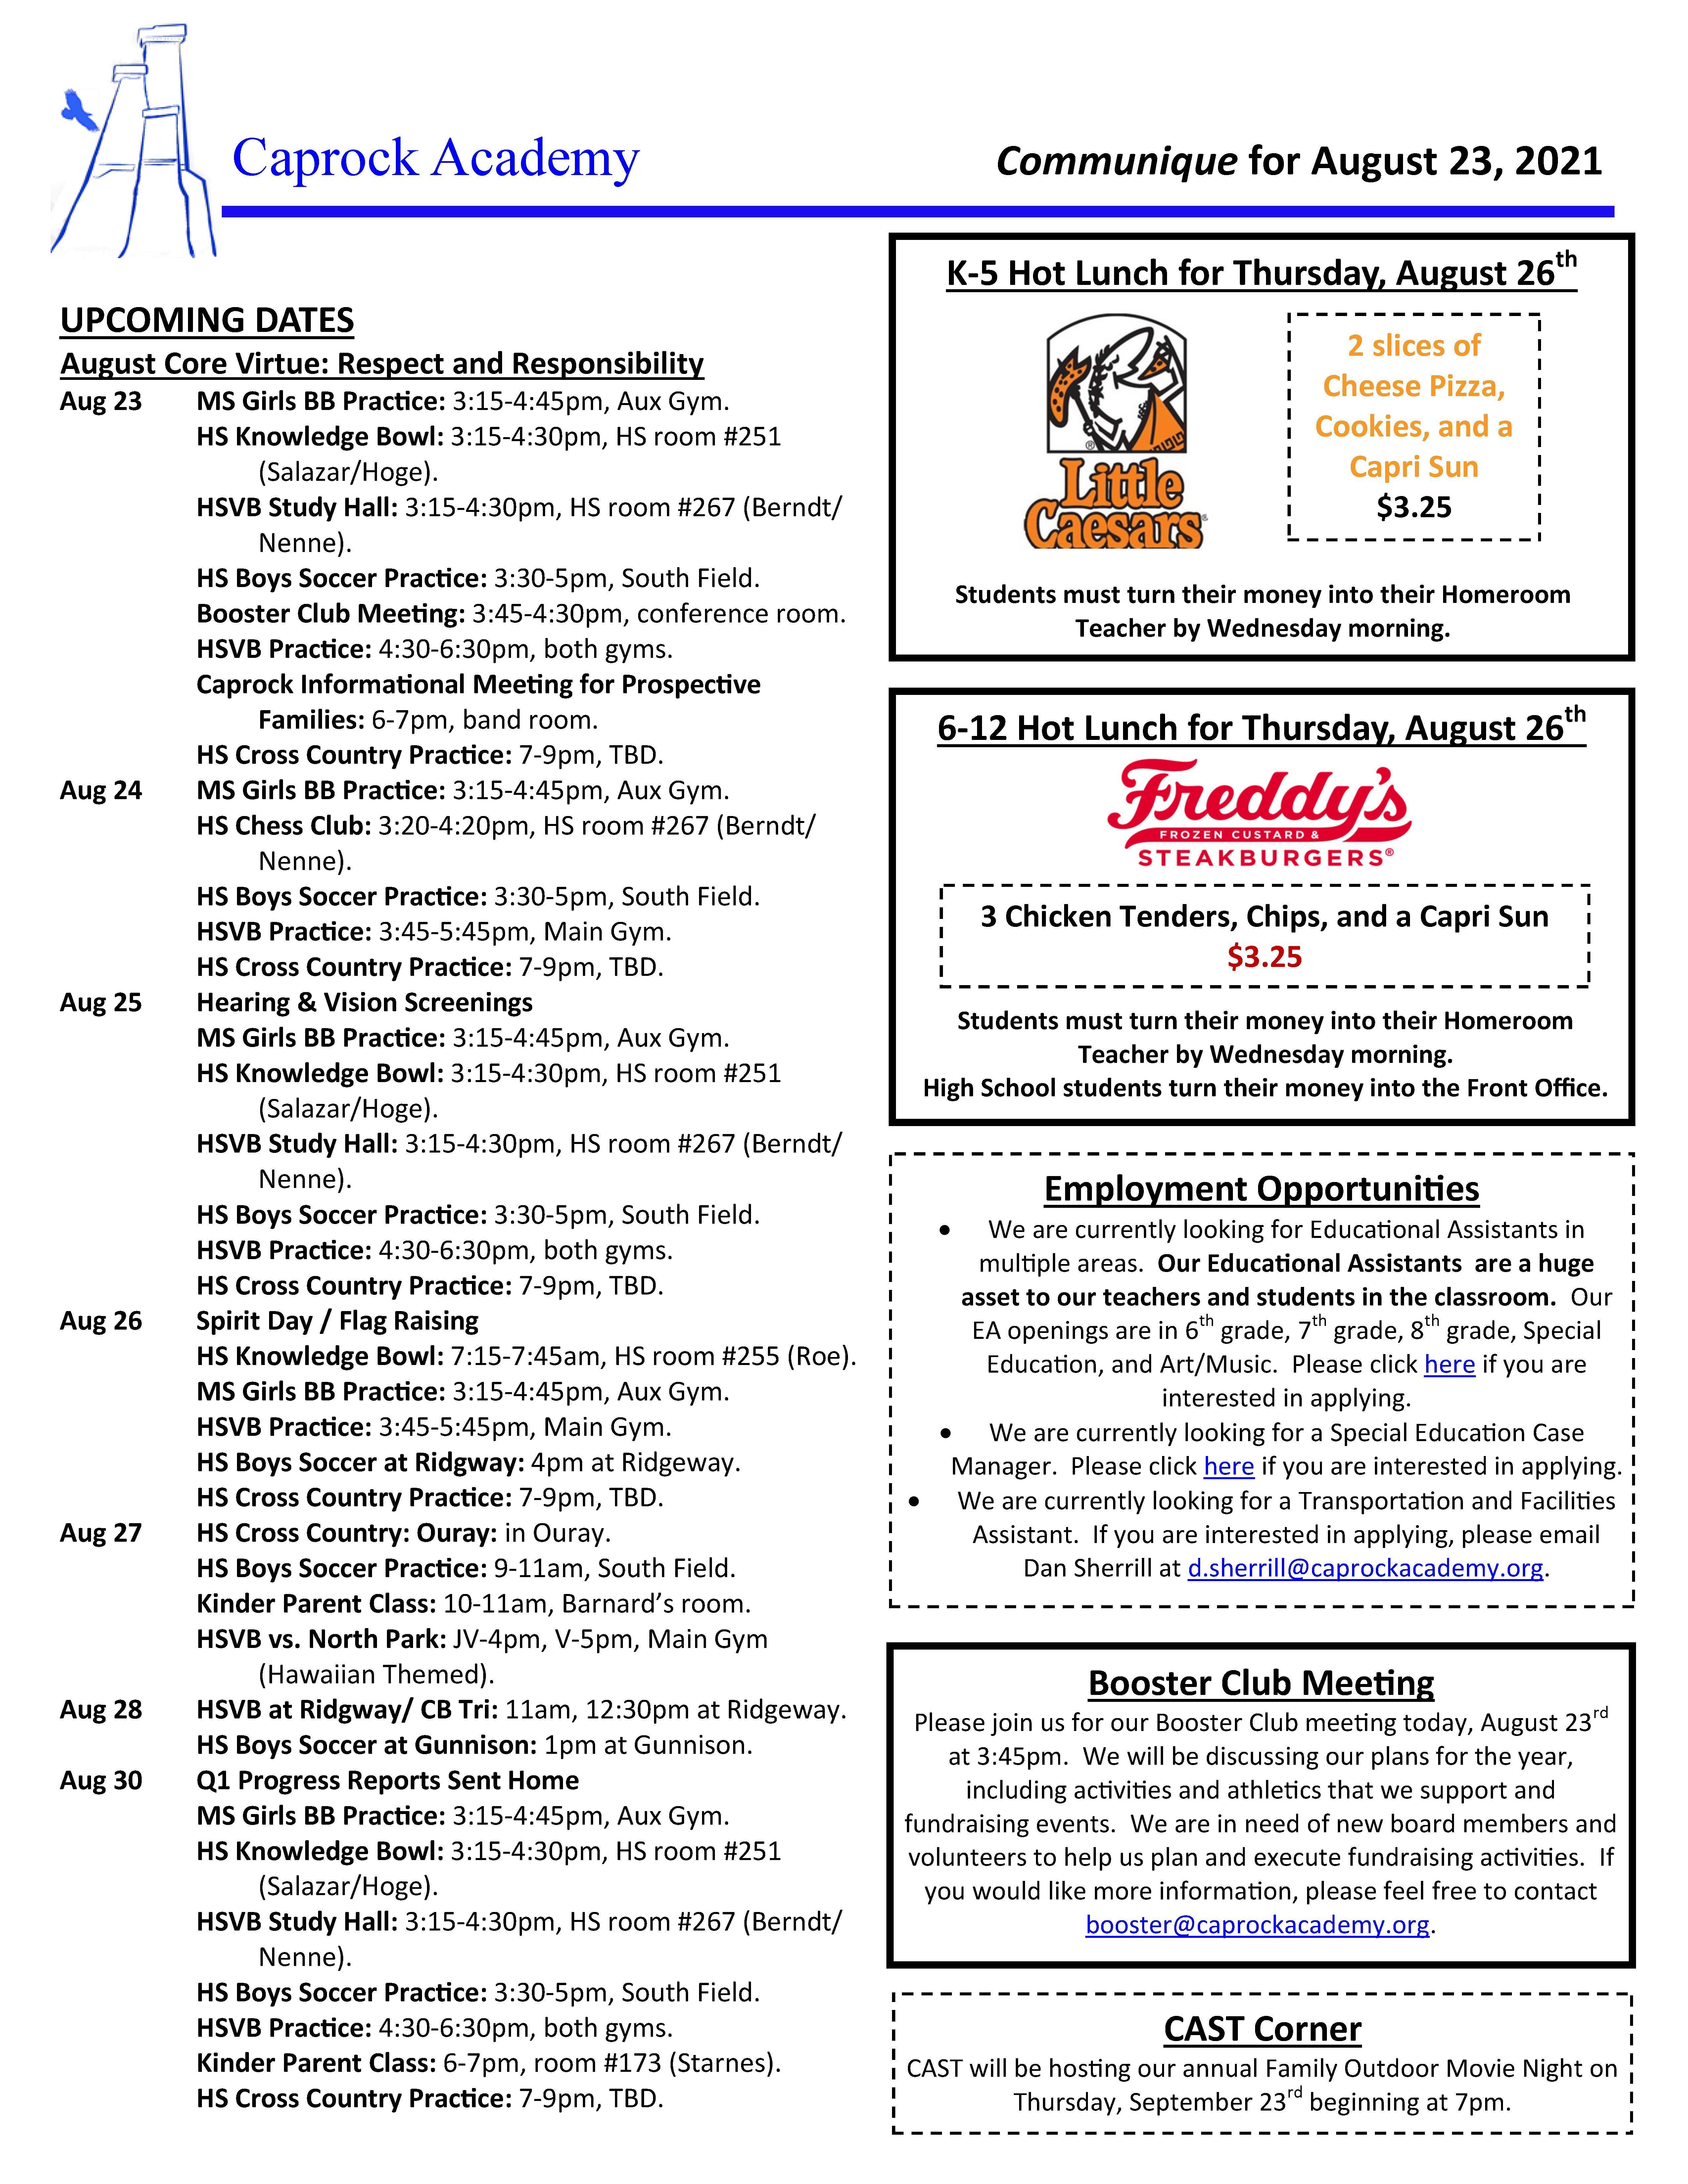 Caprock Communique 8-23-21 page 1 of 2